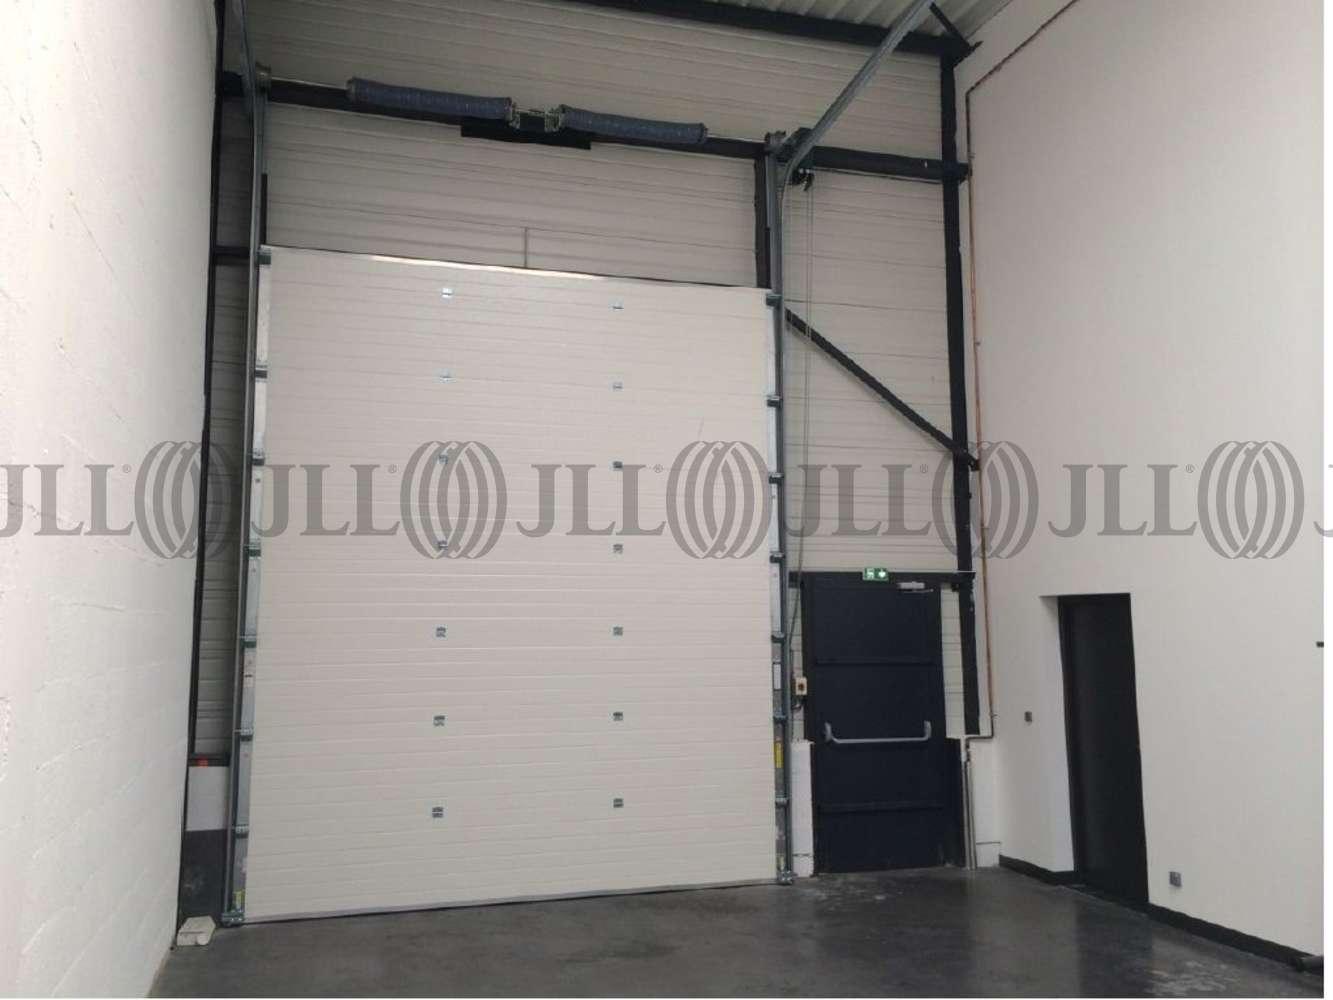 Activités/entrepôt Vaulx en velin, 69120 - Location entrepot Vaulx-en-Velin - Rhône - 10928903